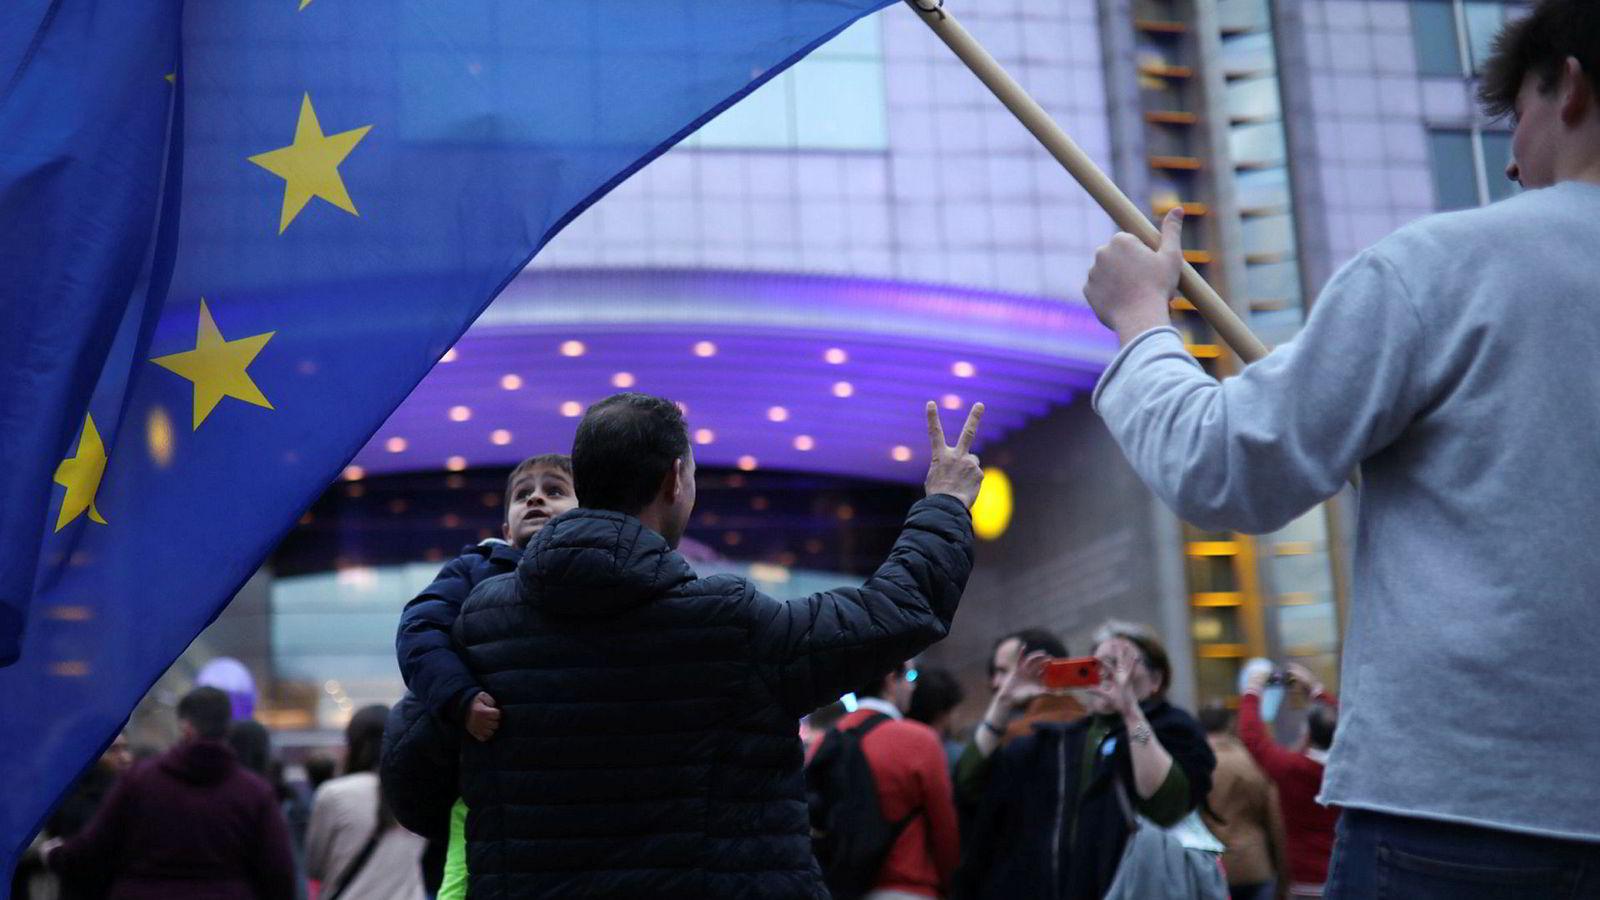 Valget til nytt EU-parlament har gitt mange og store endringer. Mange folk samlet seg utenfor Europaparlamentet i Brussel på valgdagen søndag.